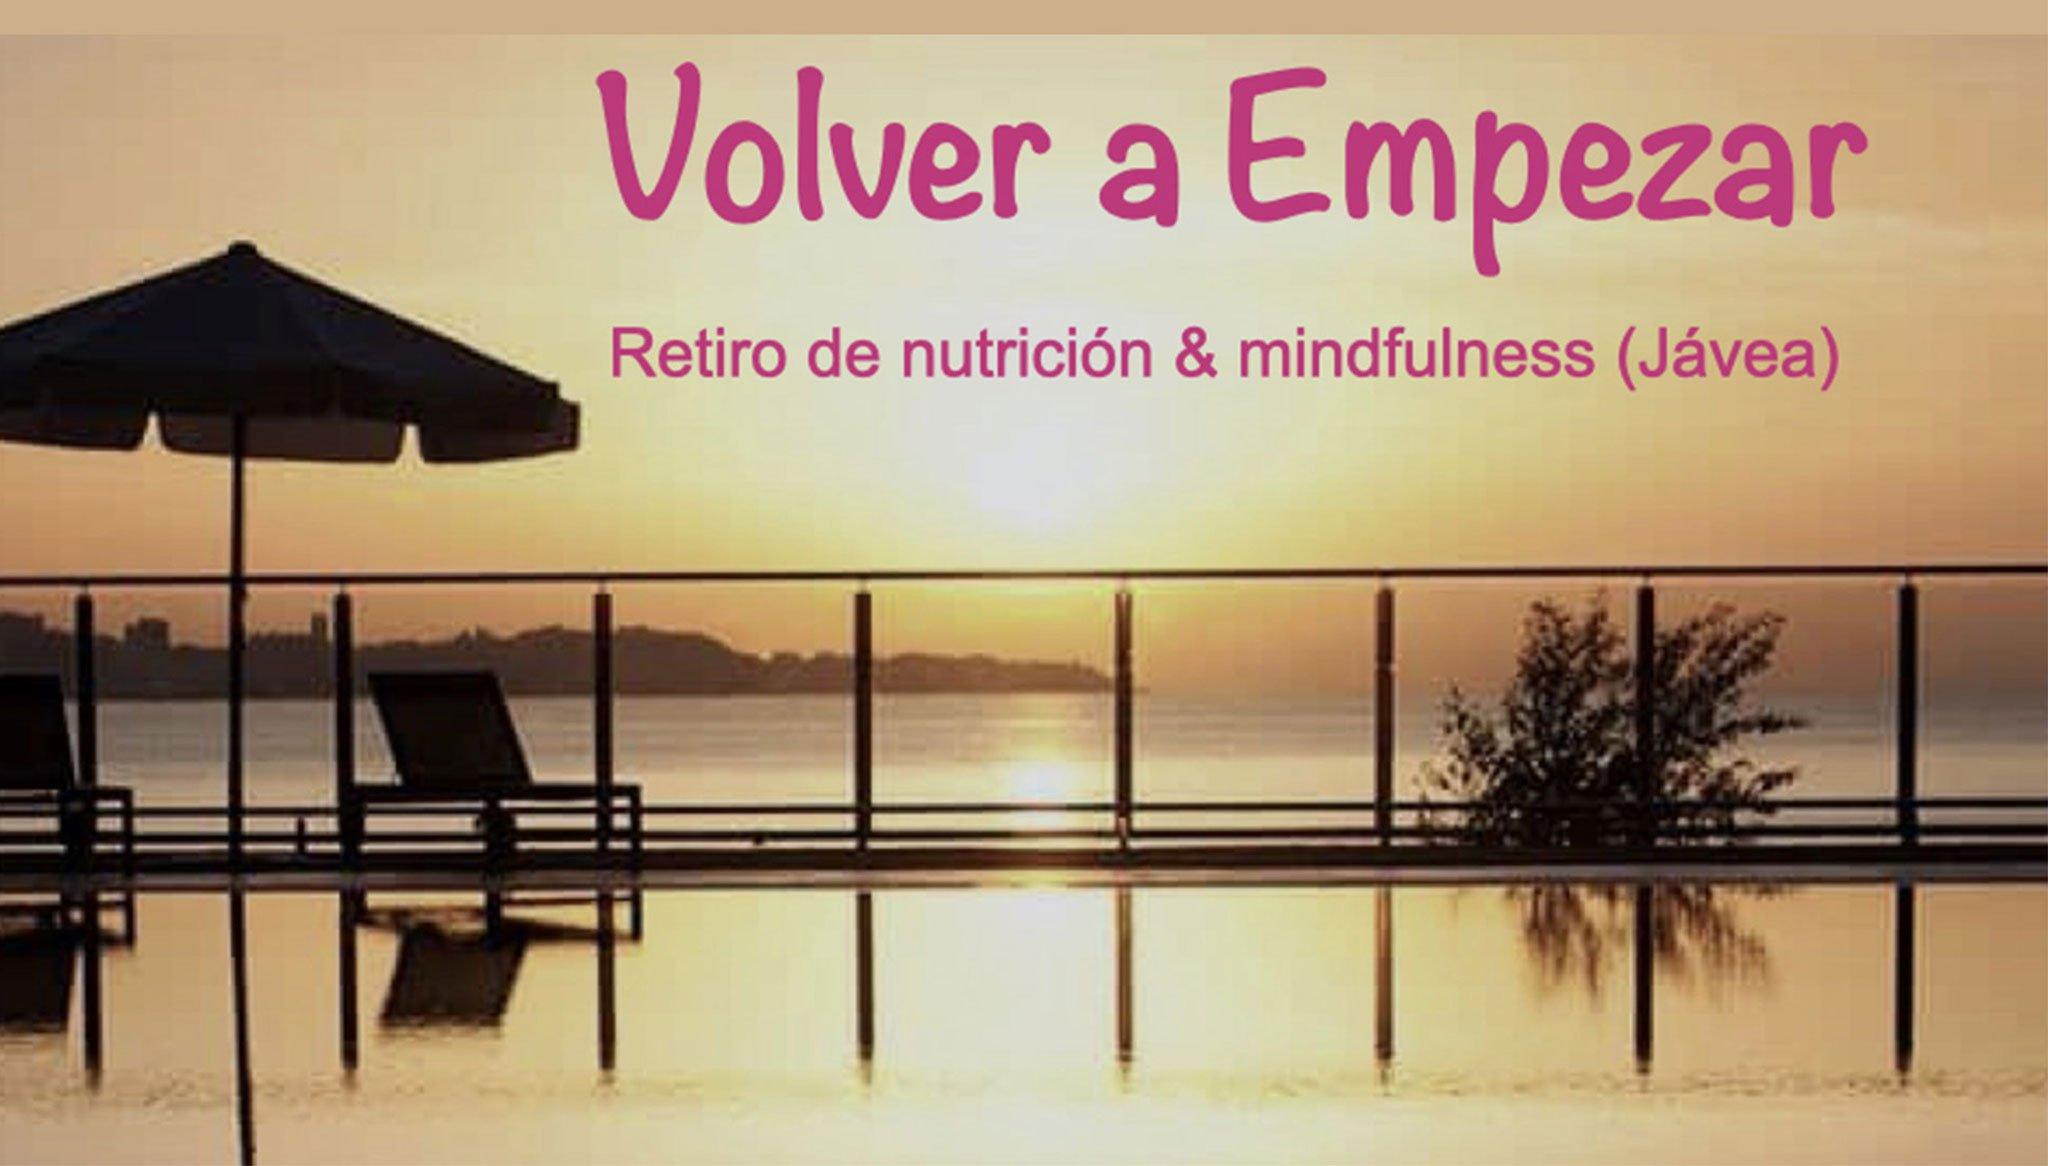 Cartell anunciador de recessos de nutrició i mindfulness a Xàbia